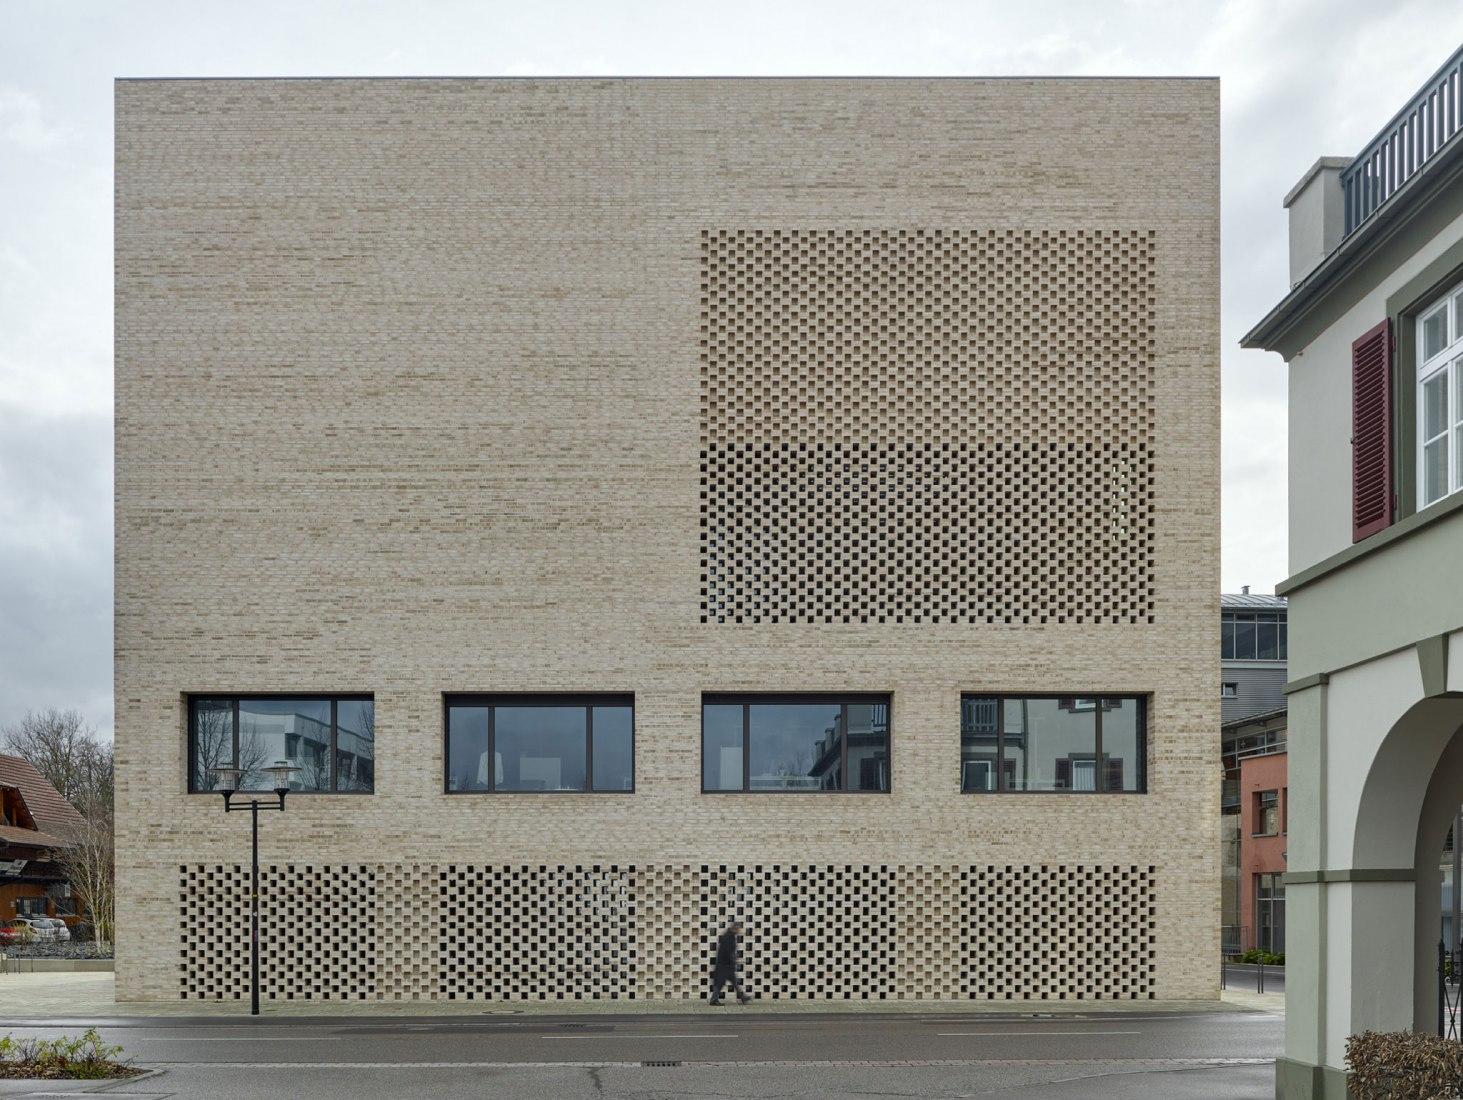 Pared de ladrillo. Biblioteca de la ciudad de Heidenheim por Max Dudler. Fotografía por Stefan Müller